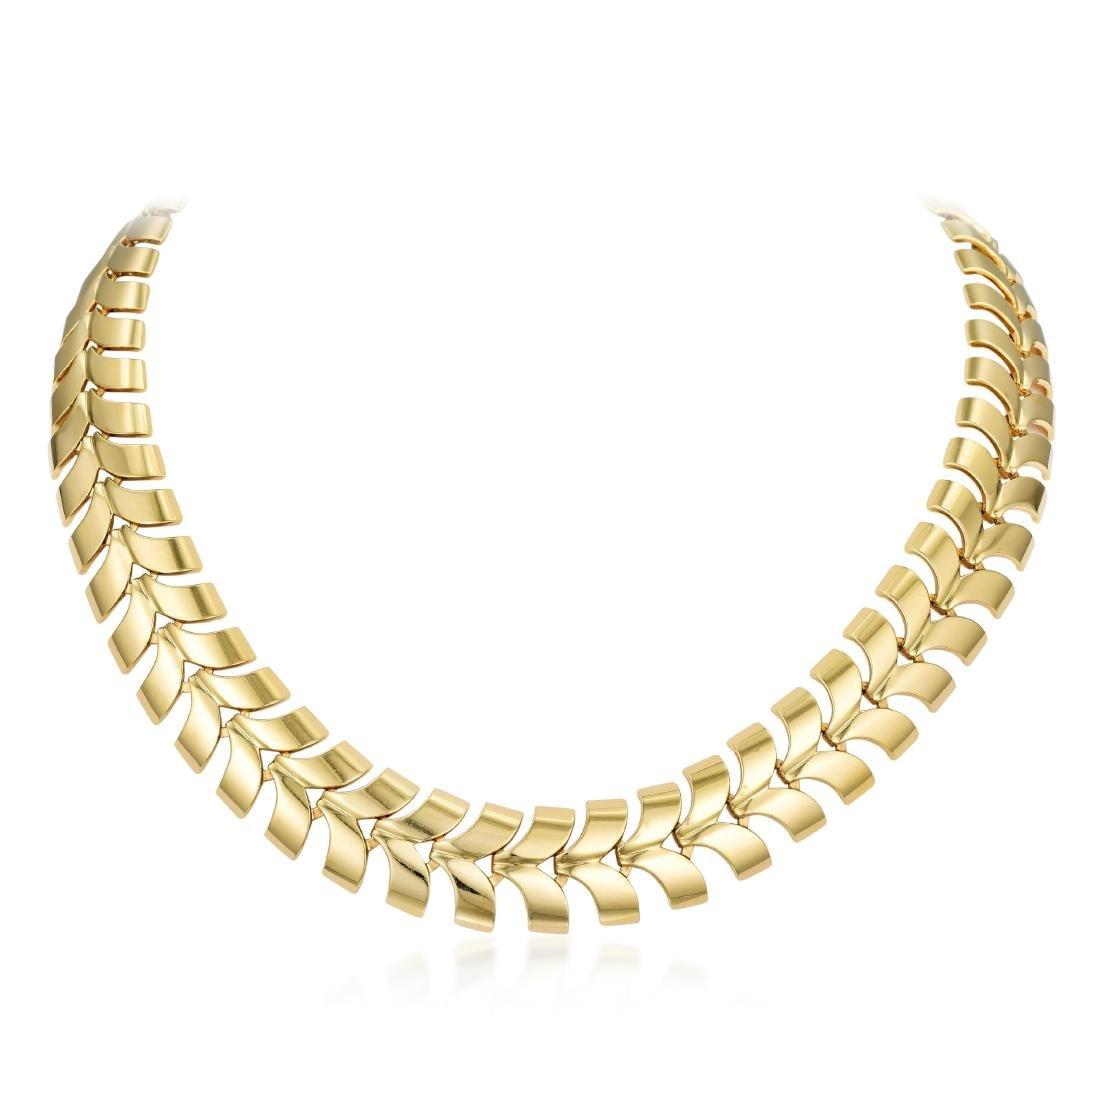 Tiffany & Co. Gold Necklace and Bracelet Set - 2